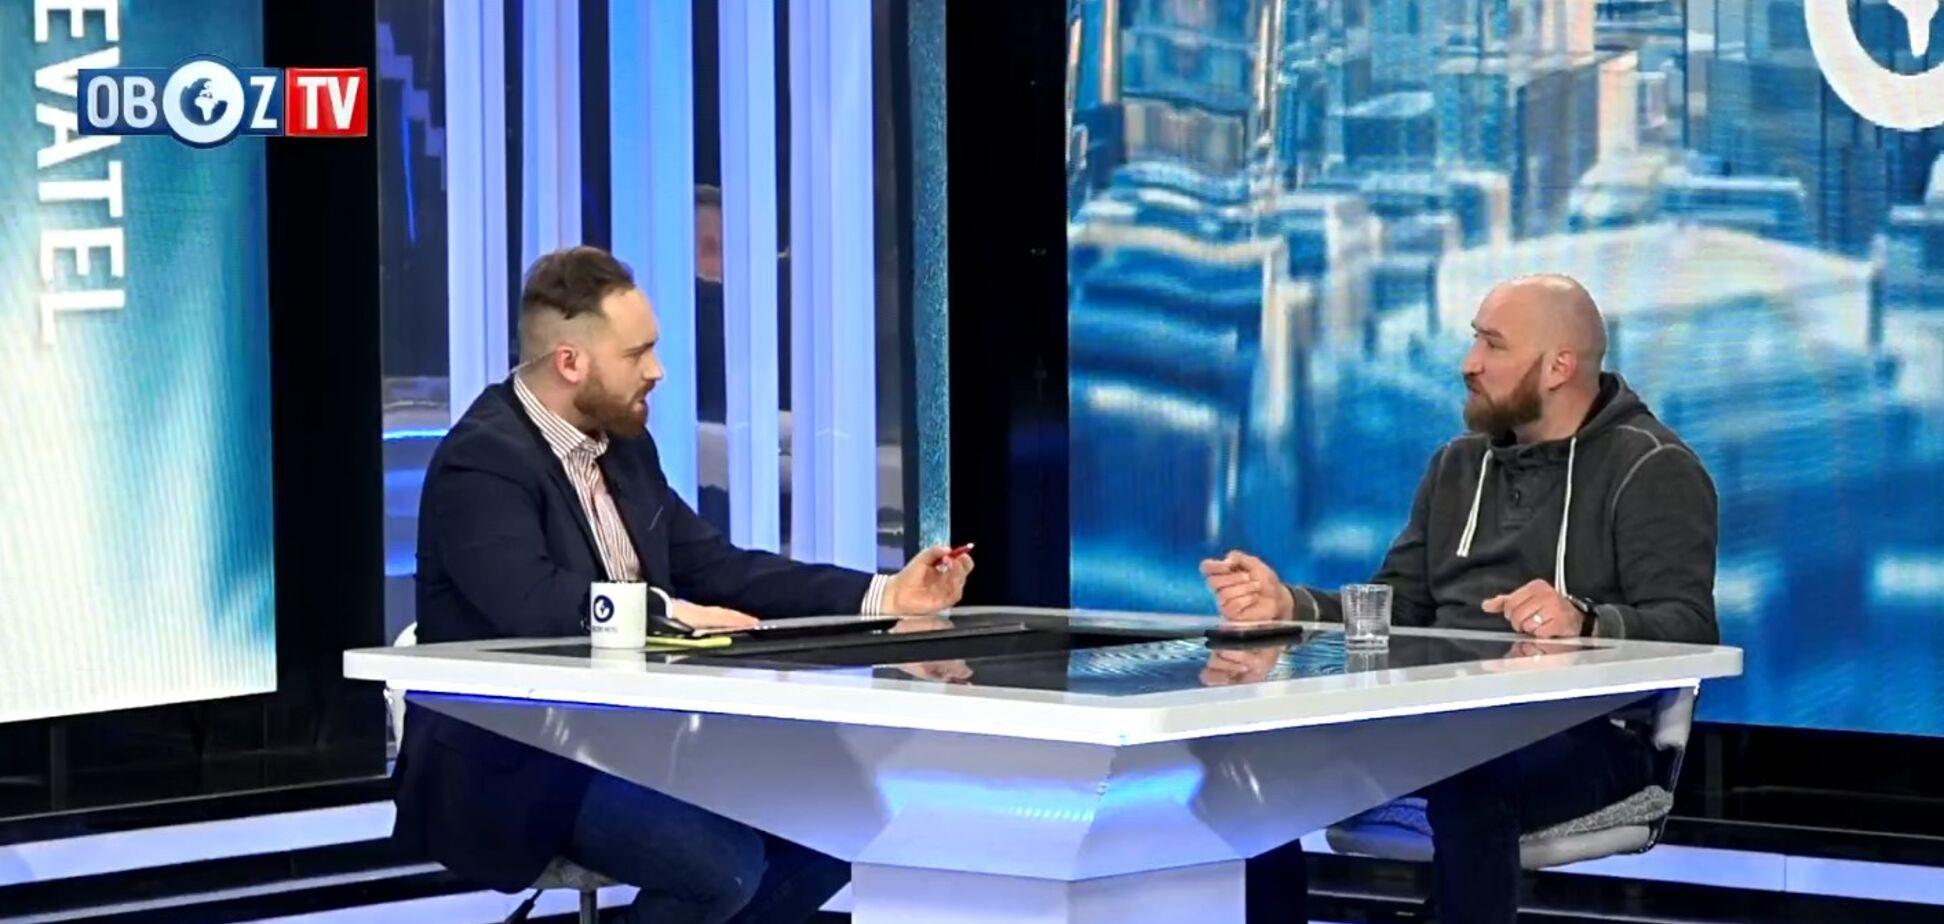 Ветеран АТО відкинув ідею Сивохи про переговори з Донбасом: 'З бурятами і чеченцями?'